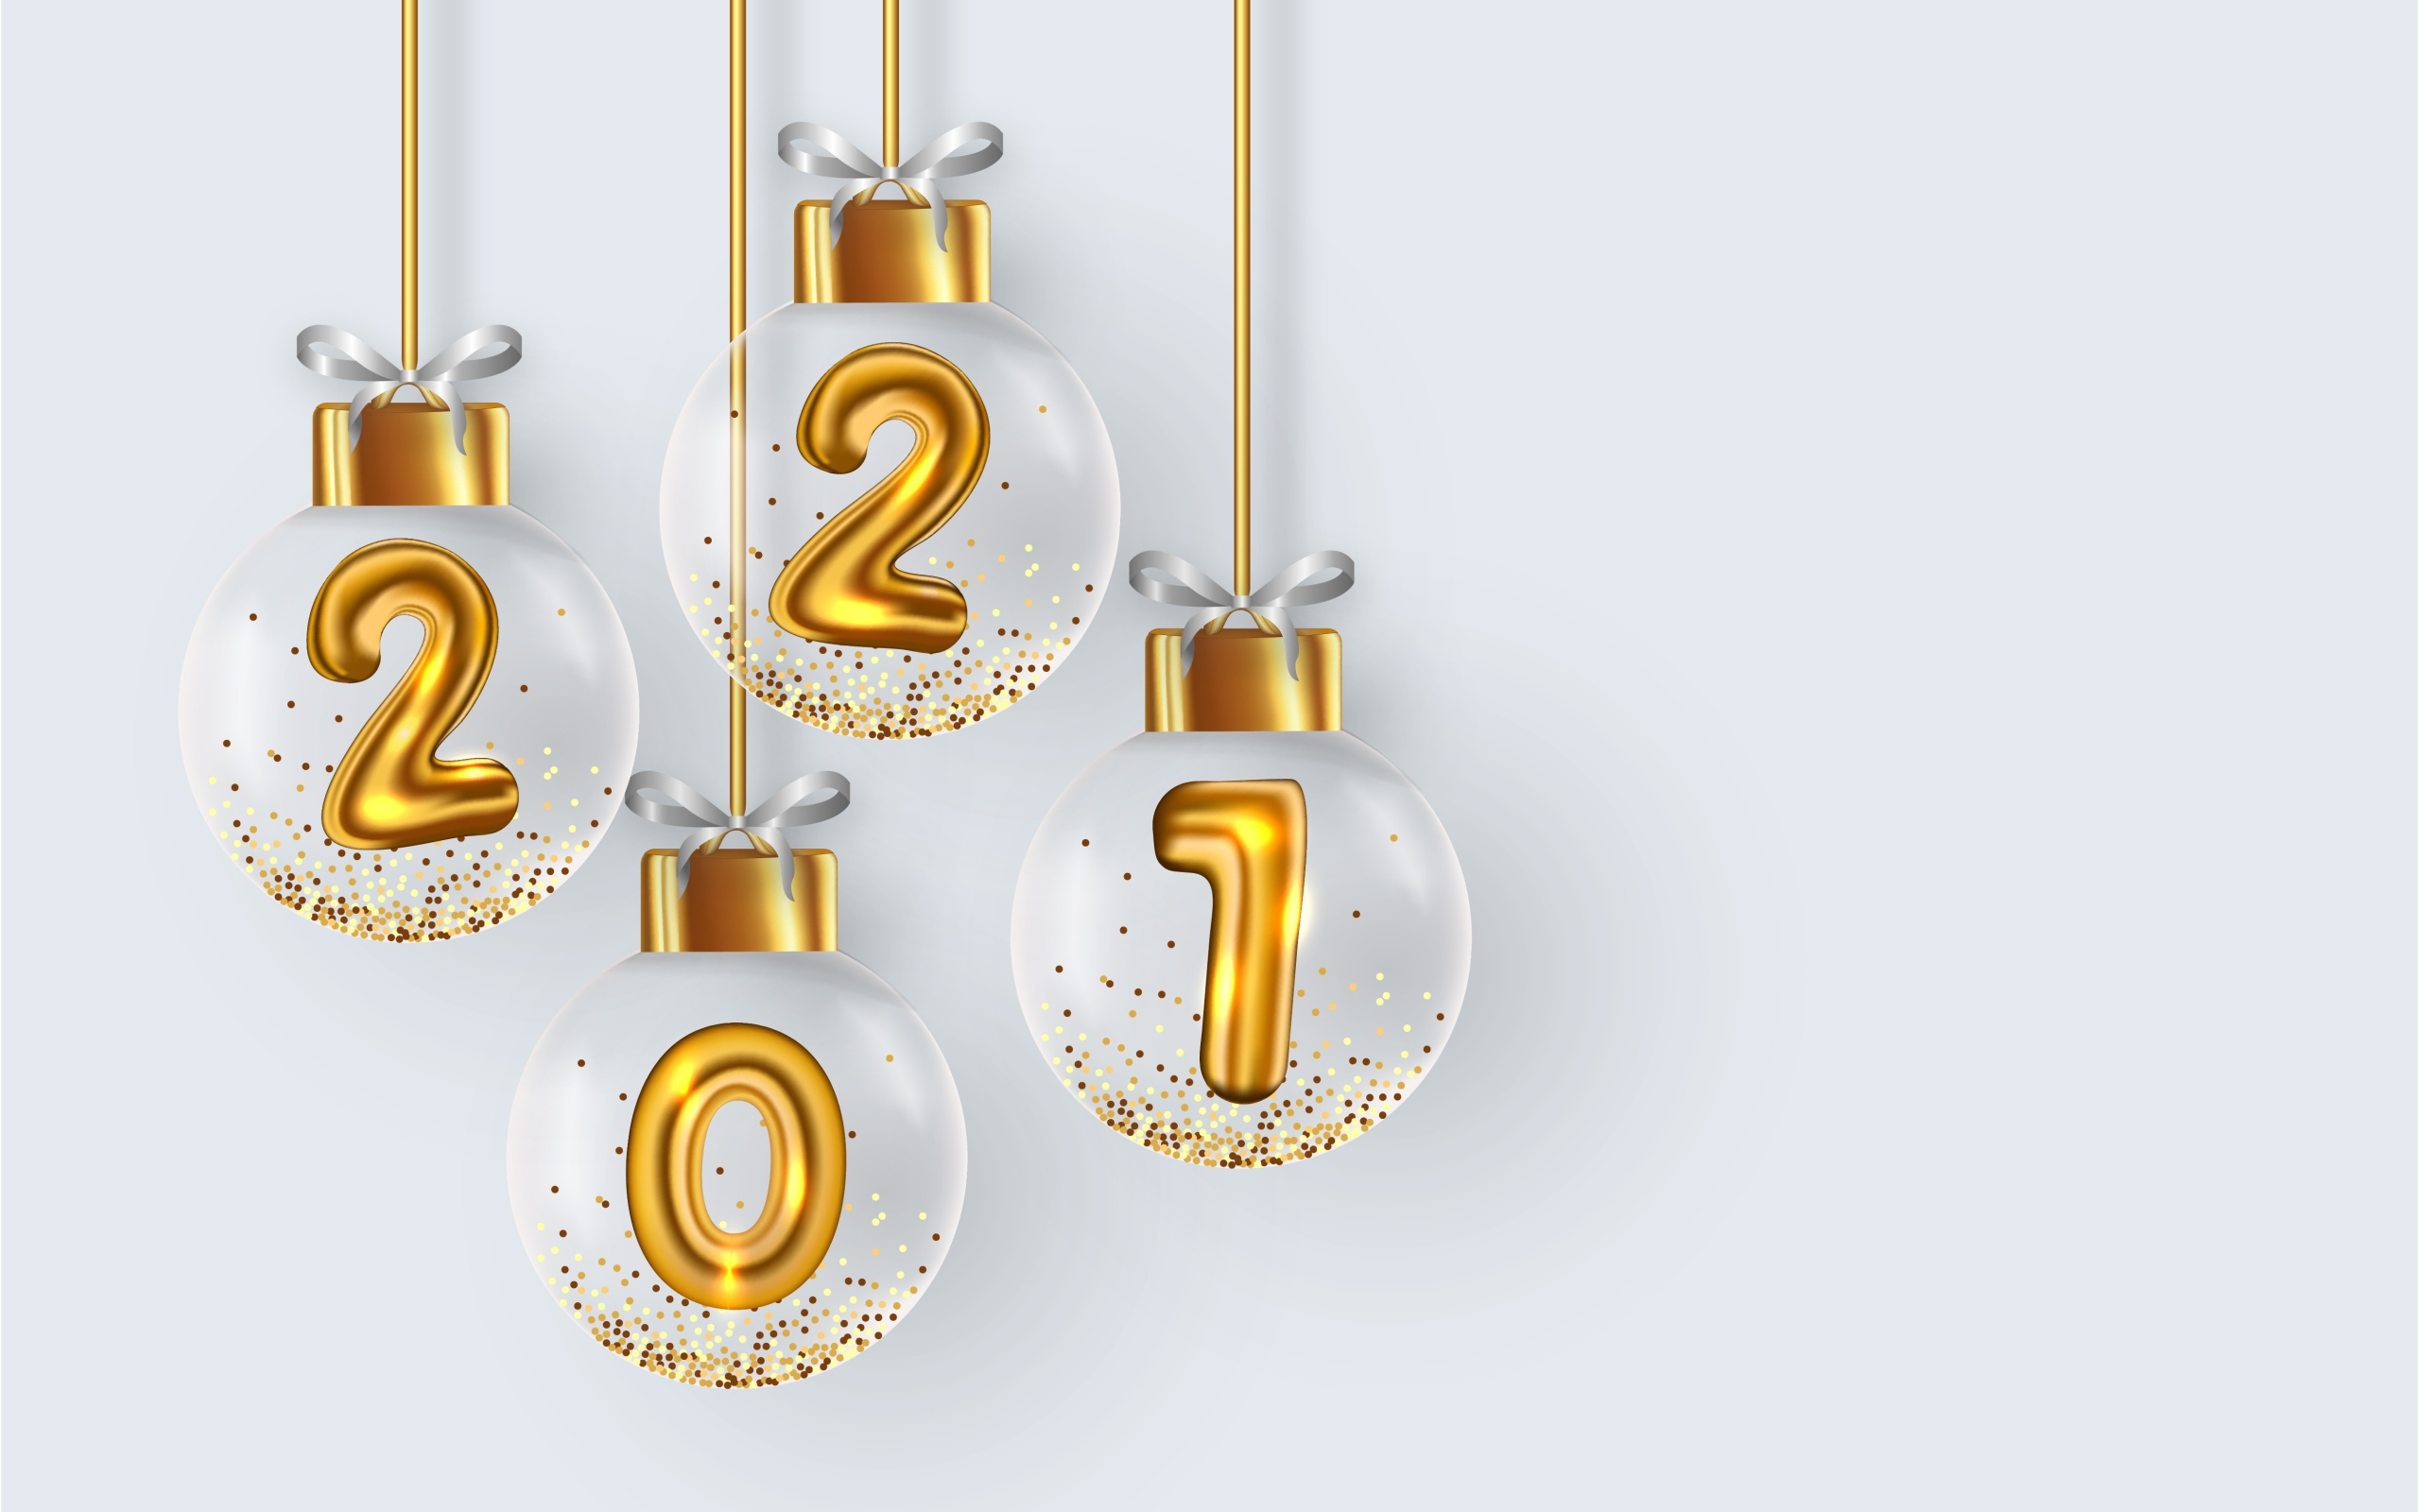 HDoboi.Kiev.ua - Новогодние шарики с цифрами 2021 внутри, Новый Год 2021